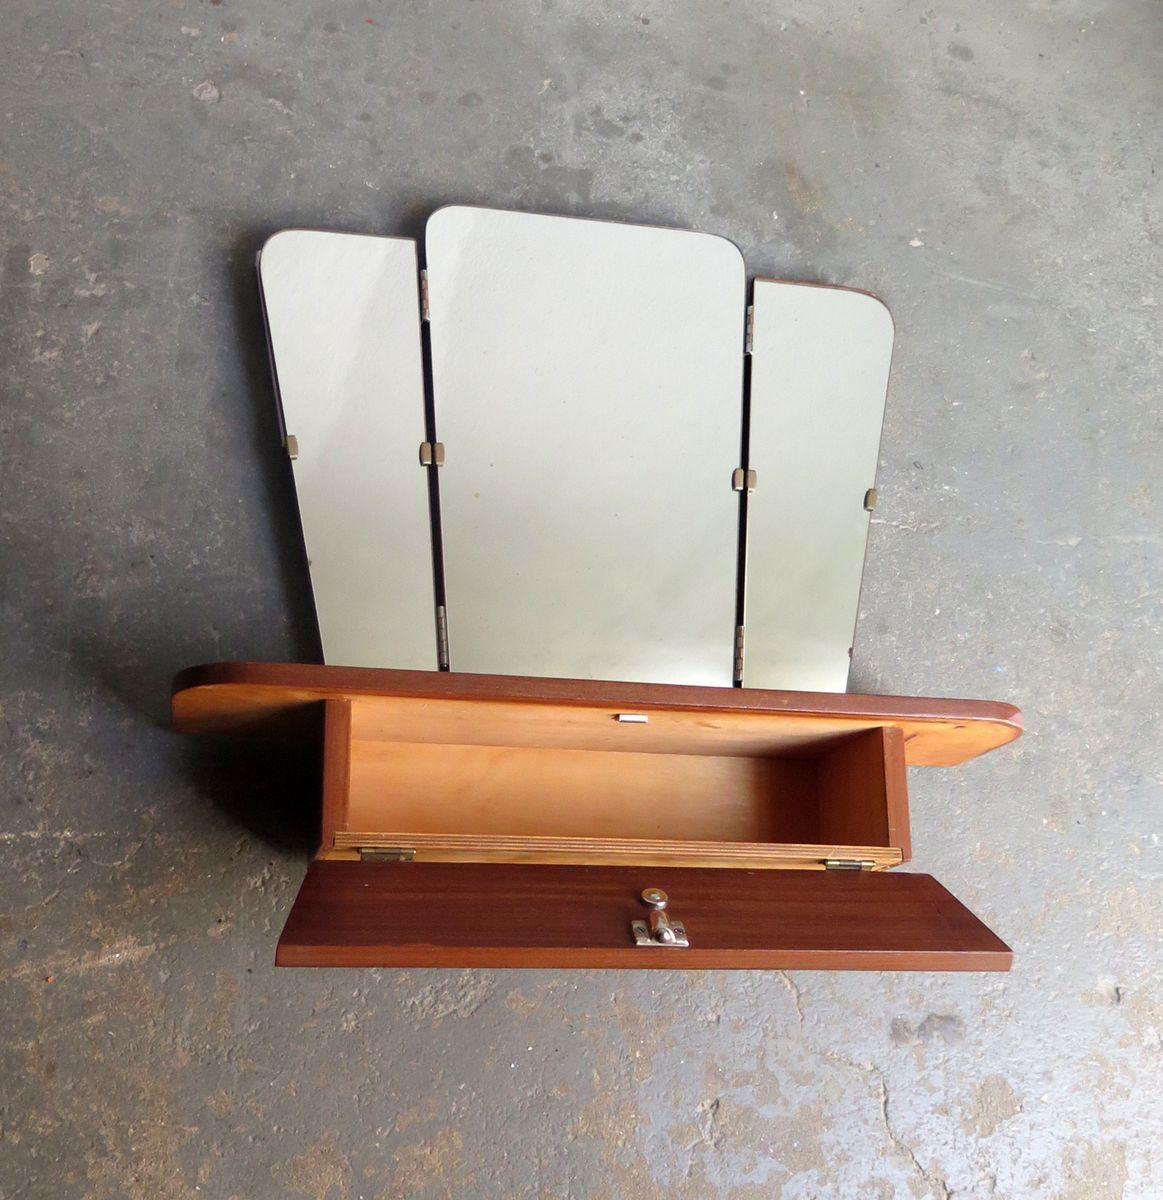 klappbarer spiegel mit regal und kleinem staufach 1950er bei pamono kaufen. Black Bedroom Furniture Sets. Home Design Ideas